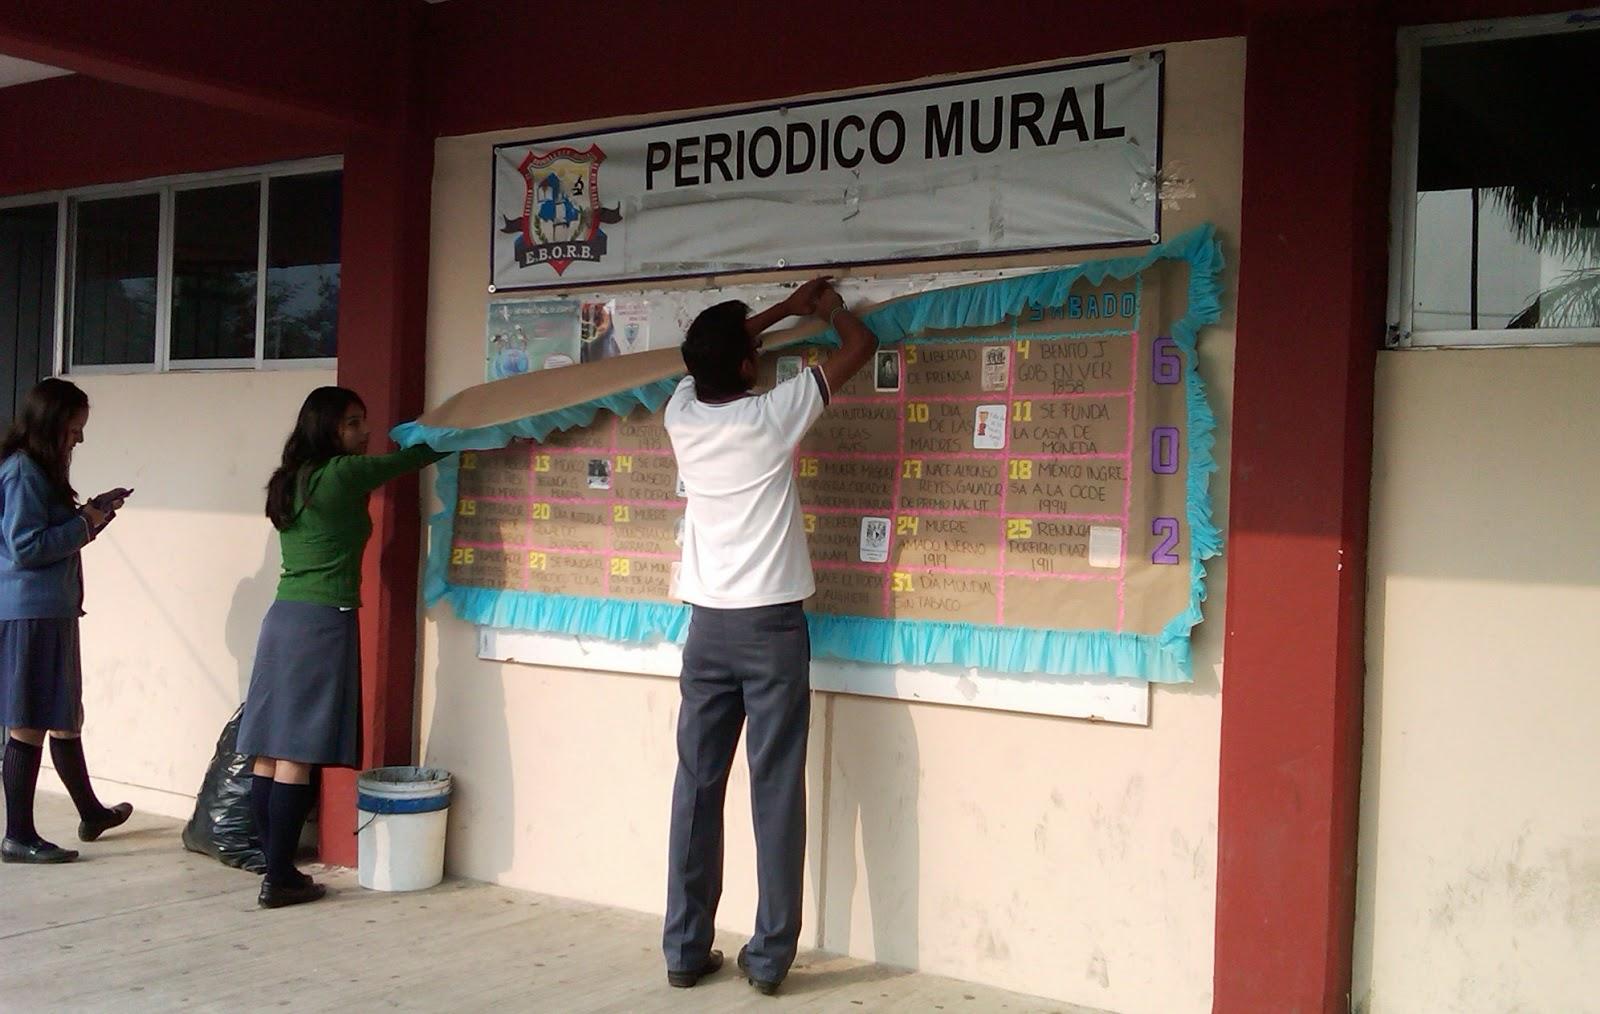 Escuela de bachilleres oficial de rio blanco periodico for El mural periodico